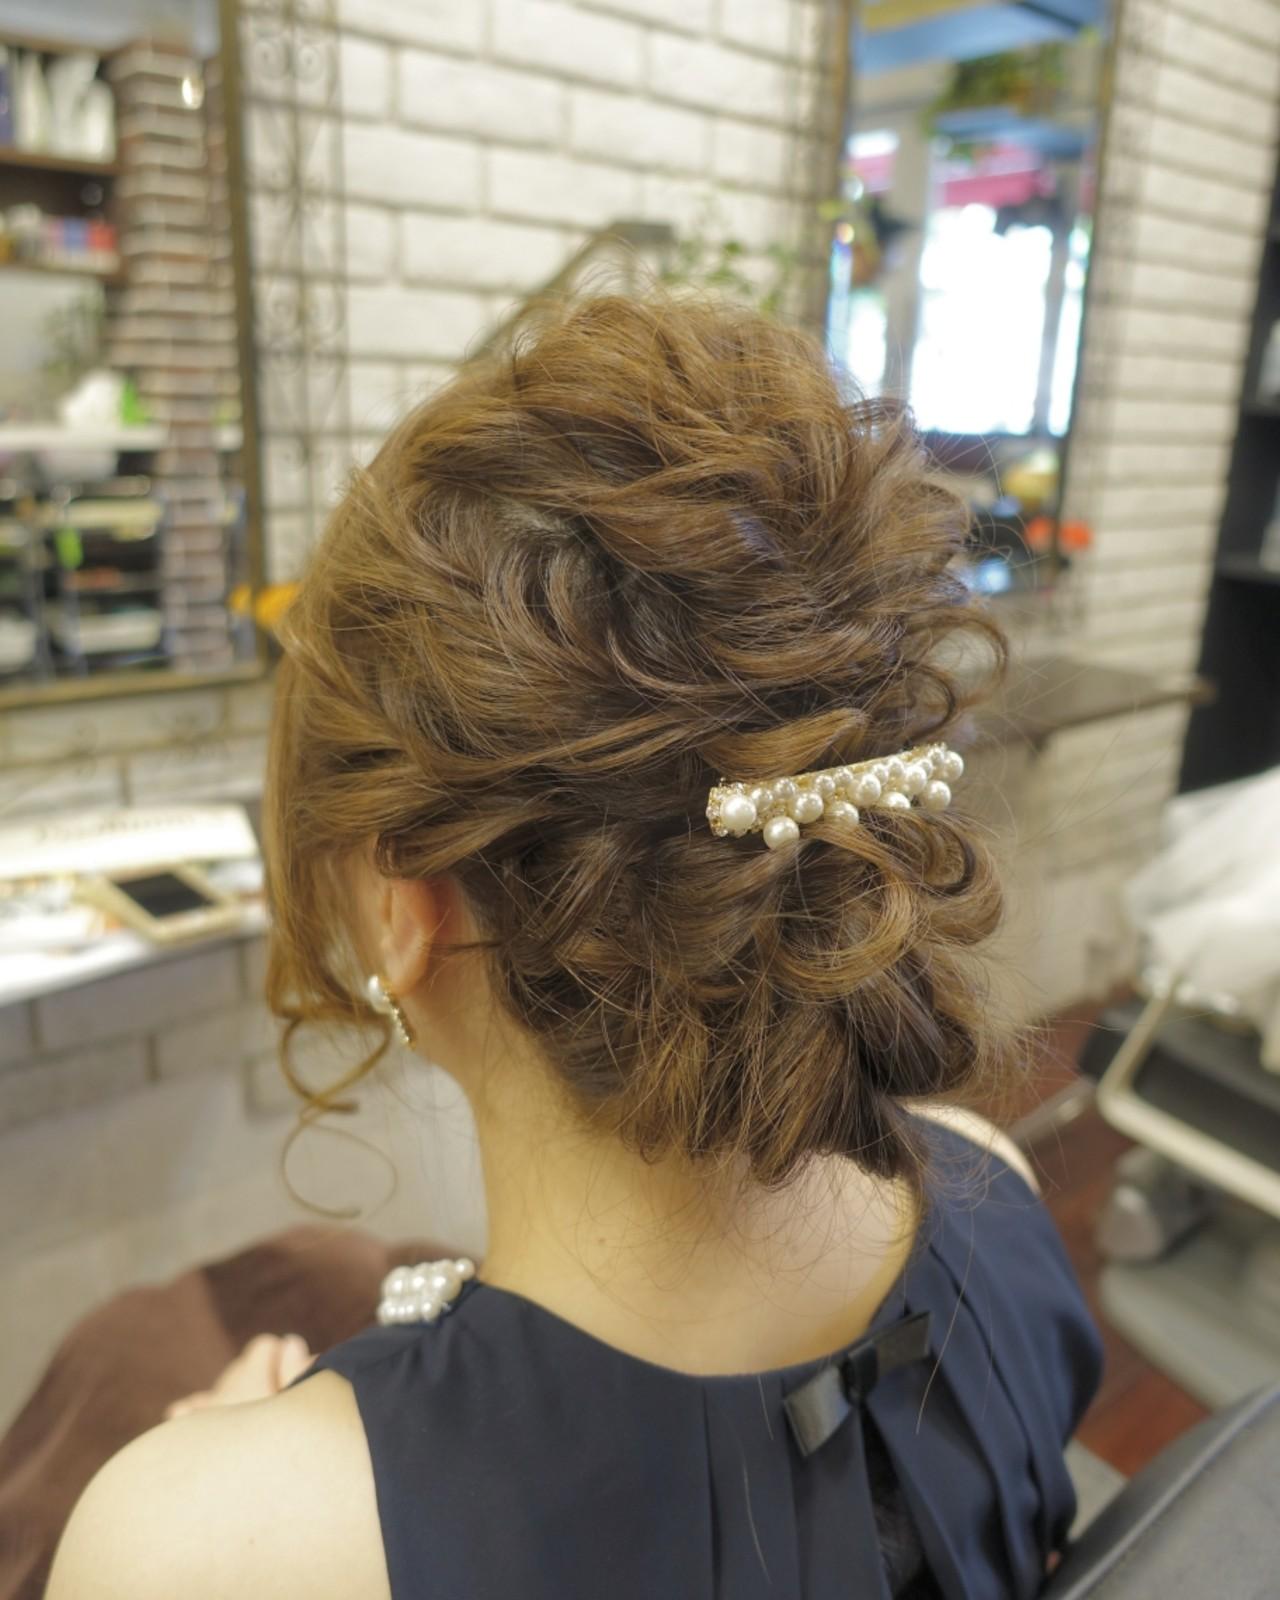 ゆるふわ 大人かわいい ロング ナチュラル ヘアスタイルや髪型の写真・画像 | 岡本 幸治 / hair salon chelsea